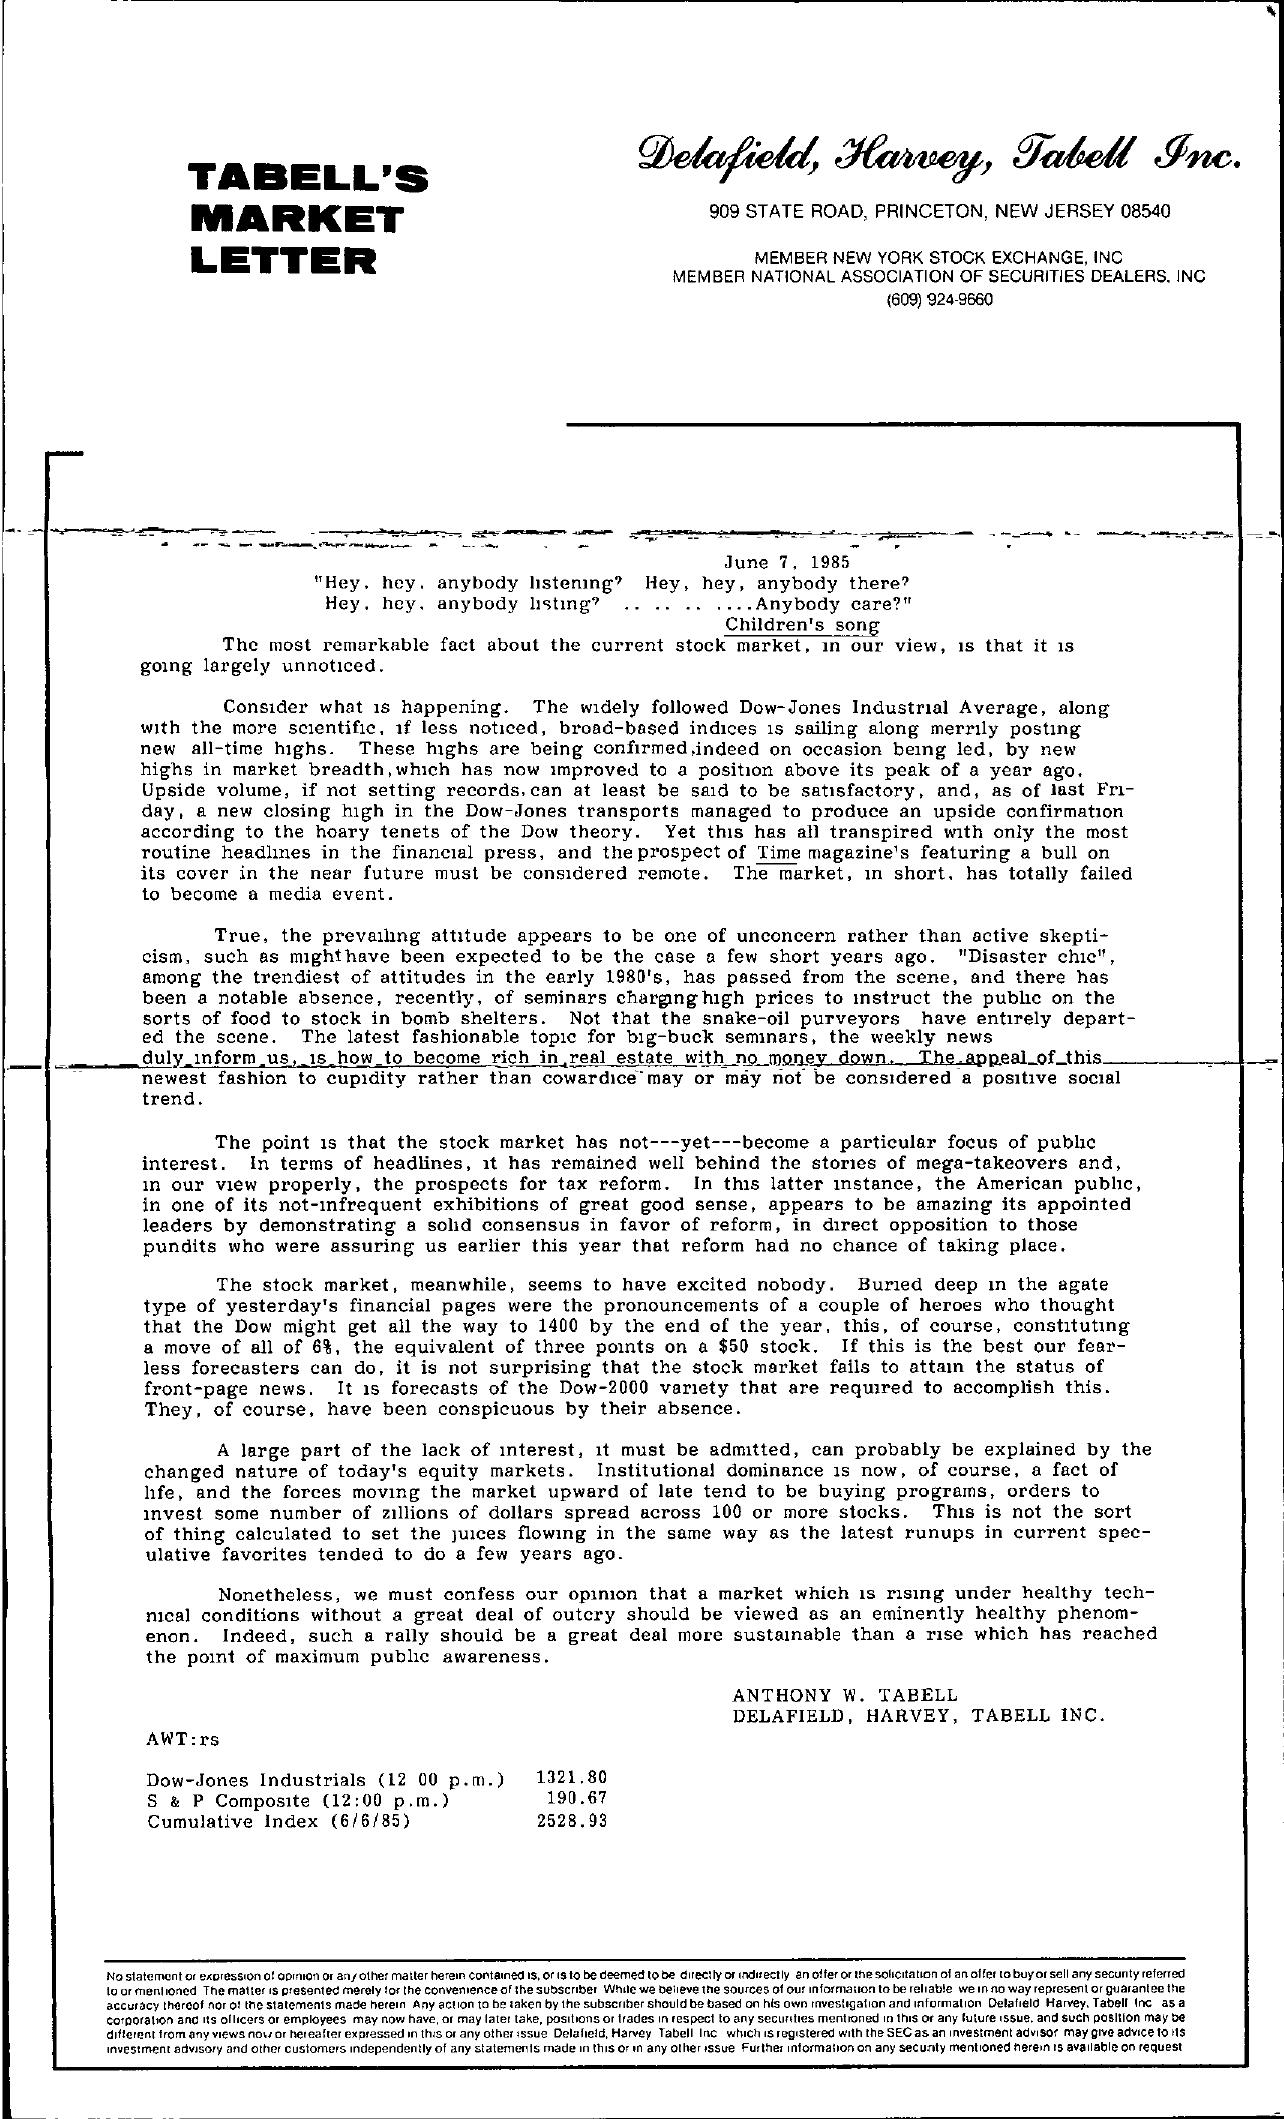 Tabell's Market Letter - June 07, 1985